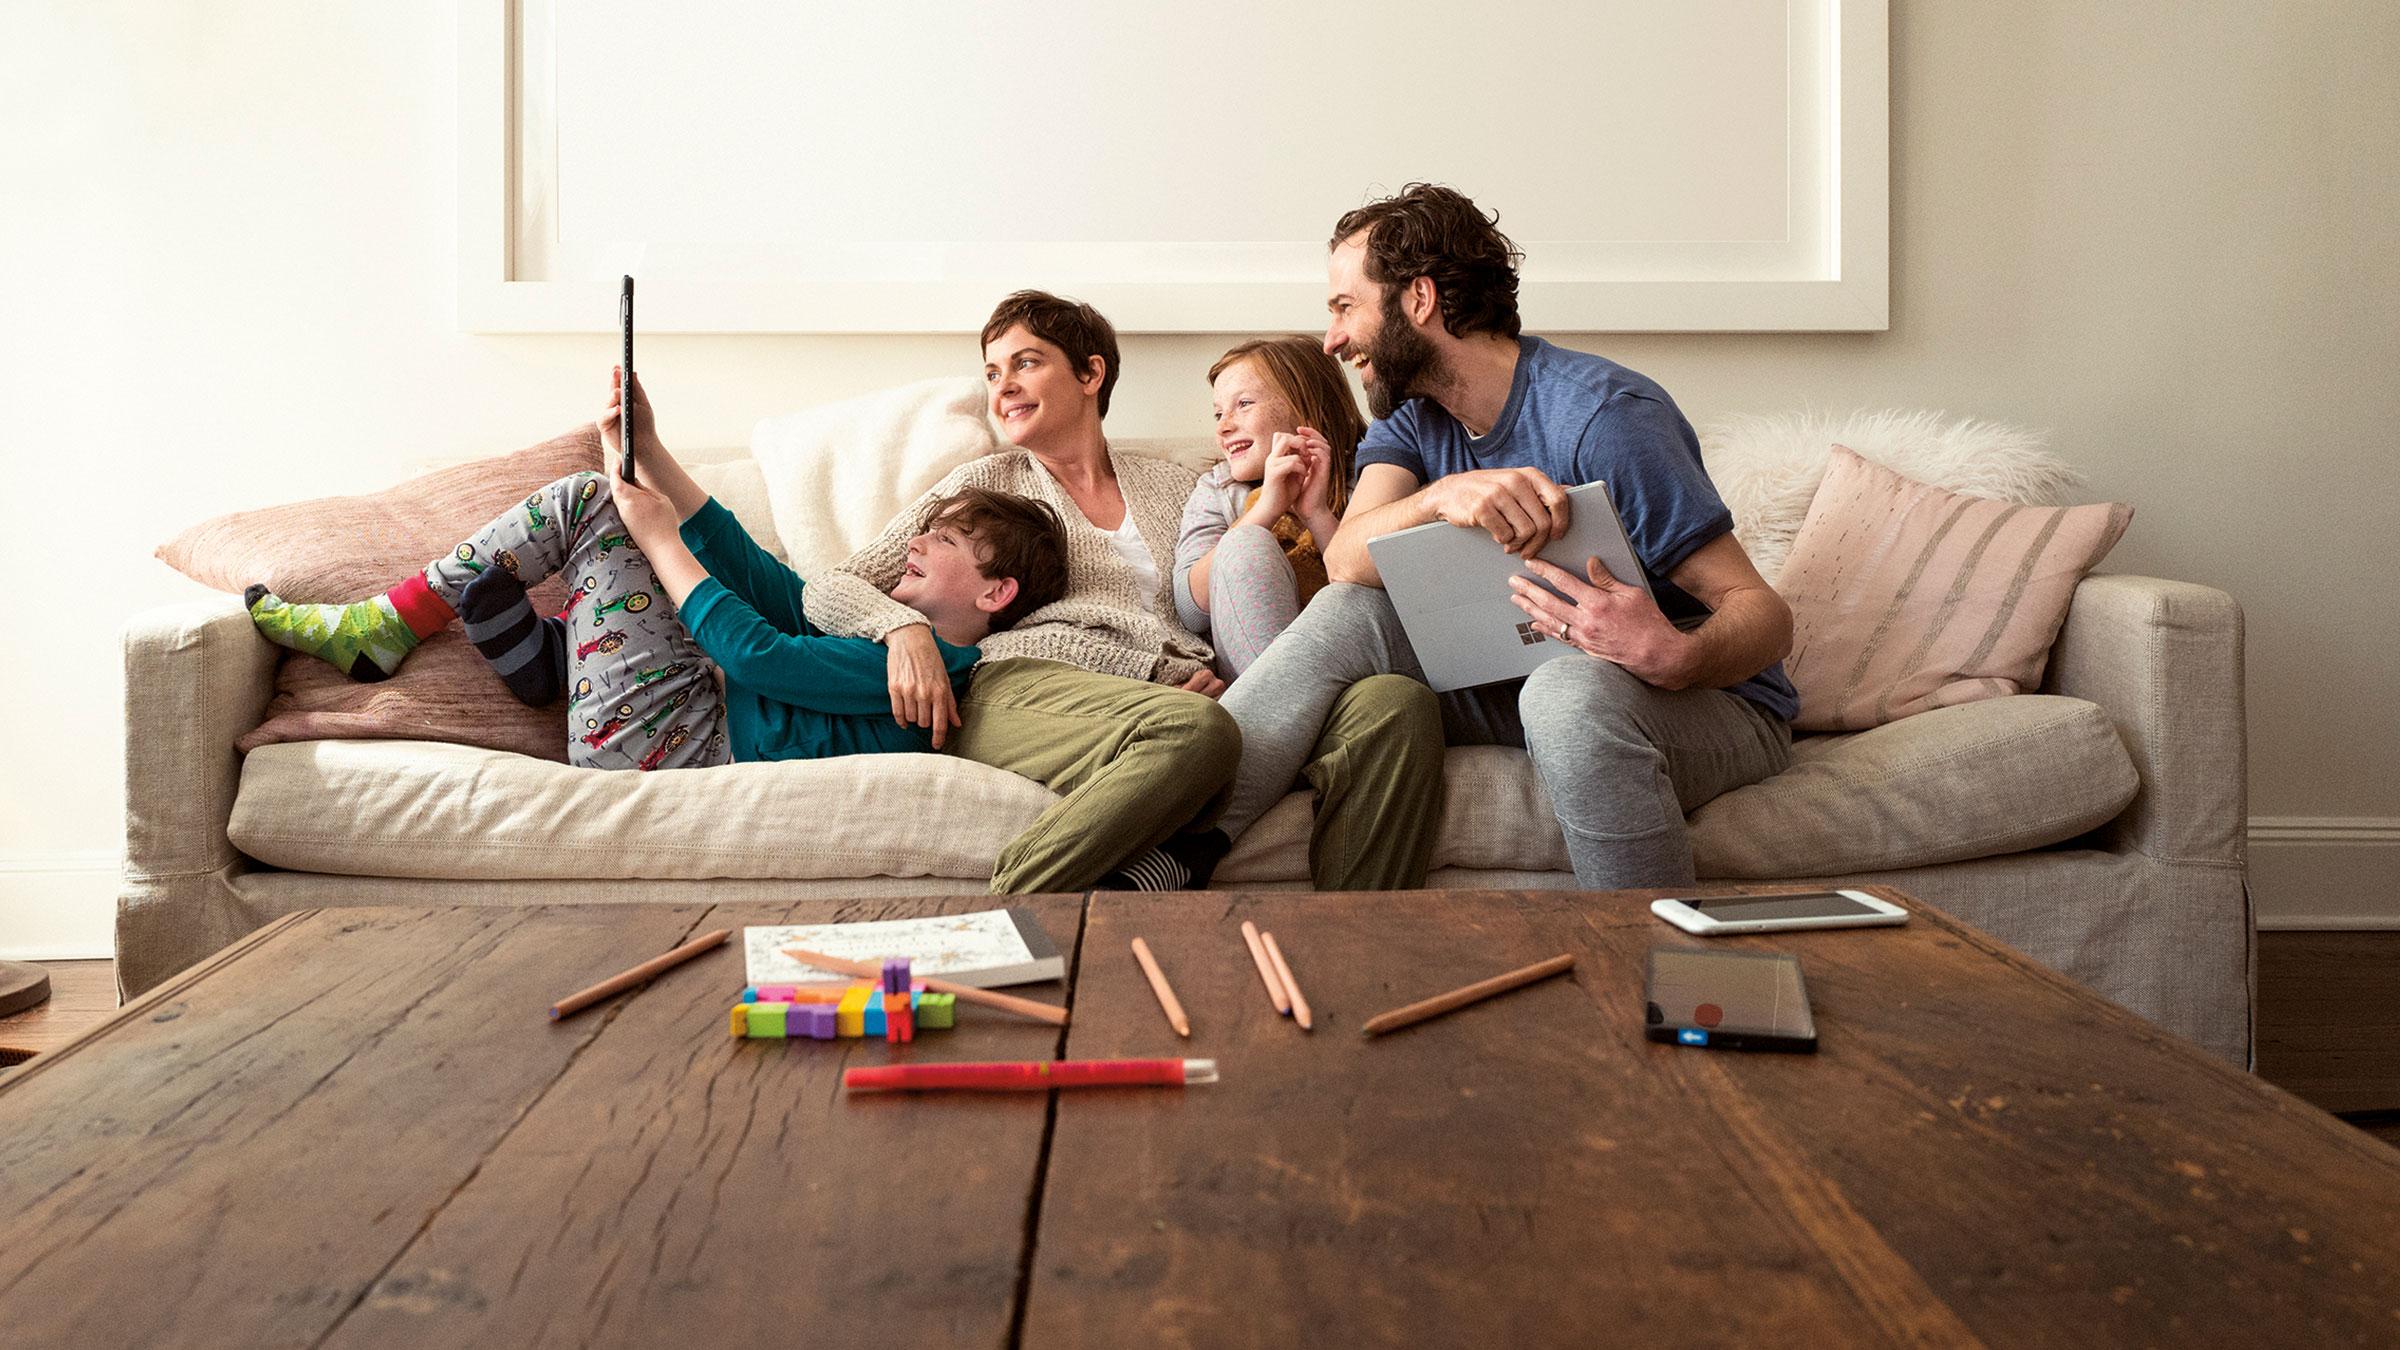 Družinski člani na kavču, ki gledajo v napravo Microsoft Surface Pro